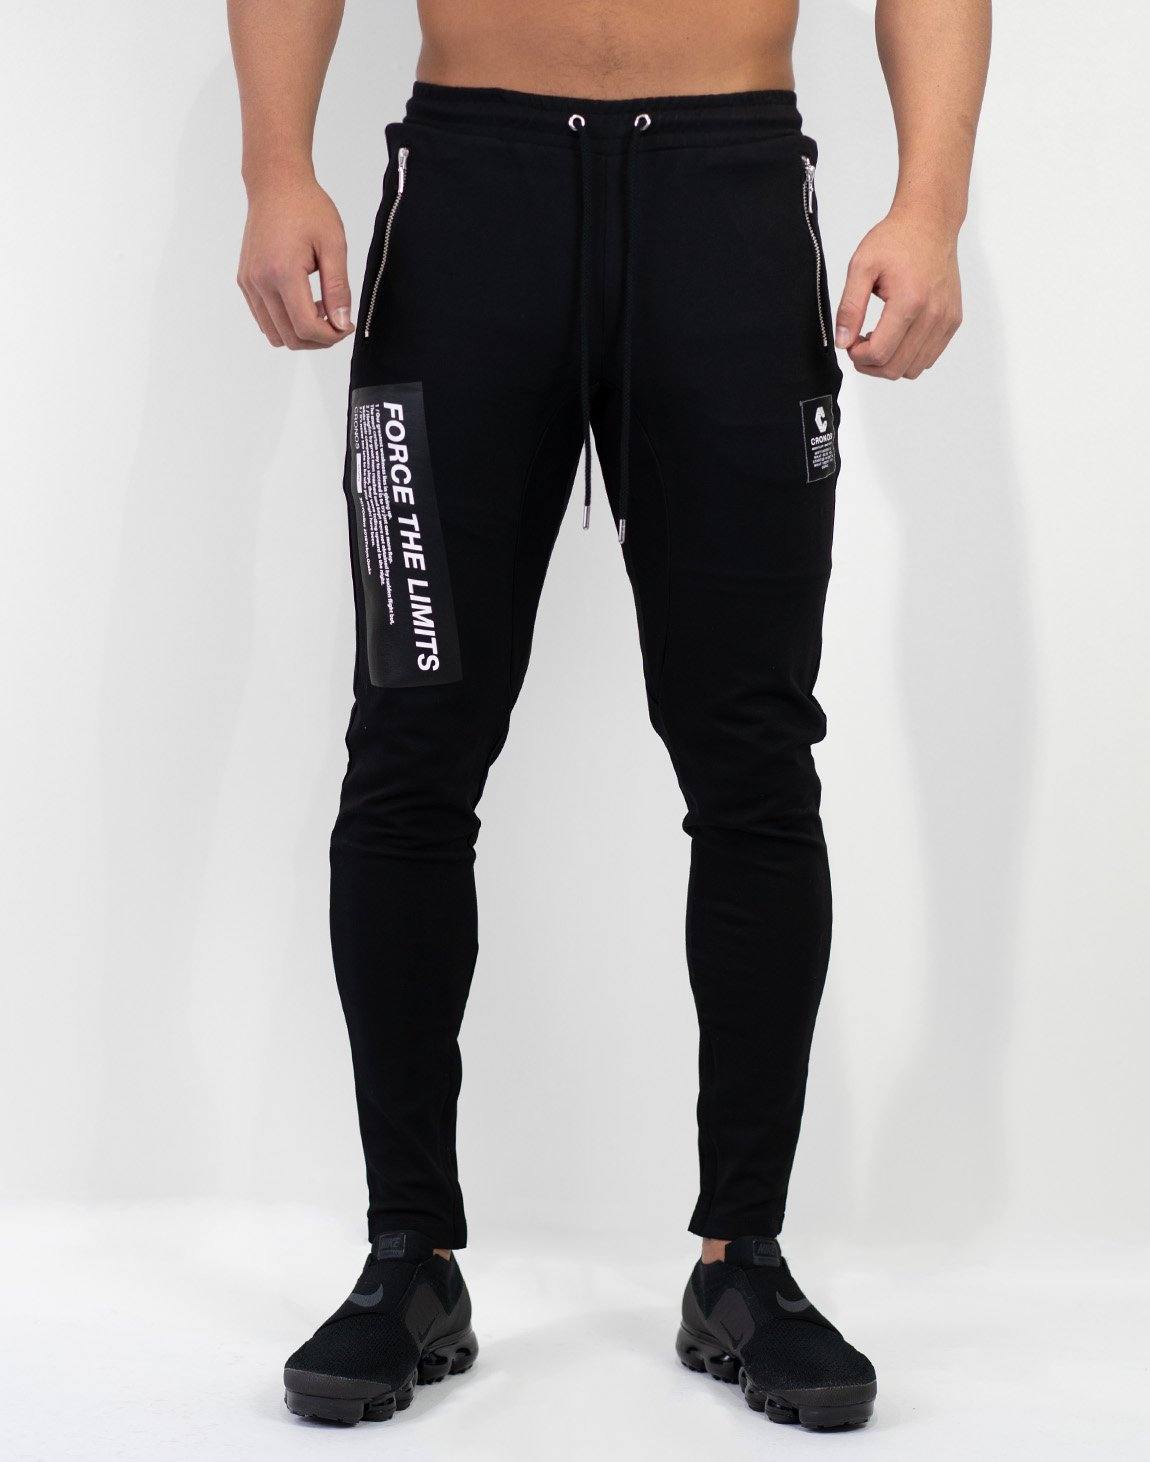 LP0012 Modo Pants SP.Black